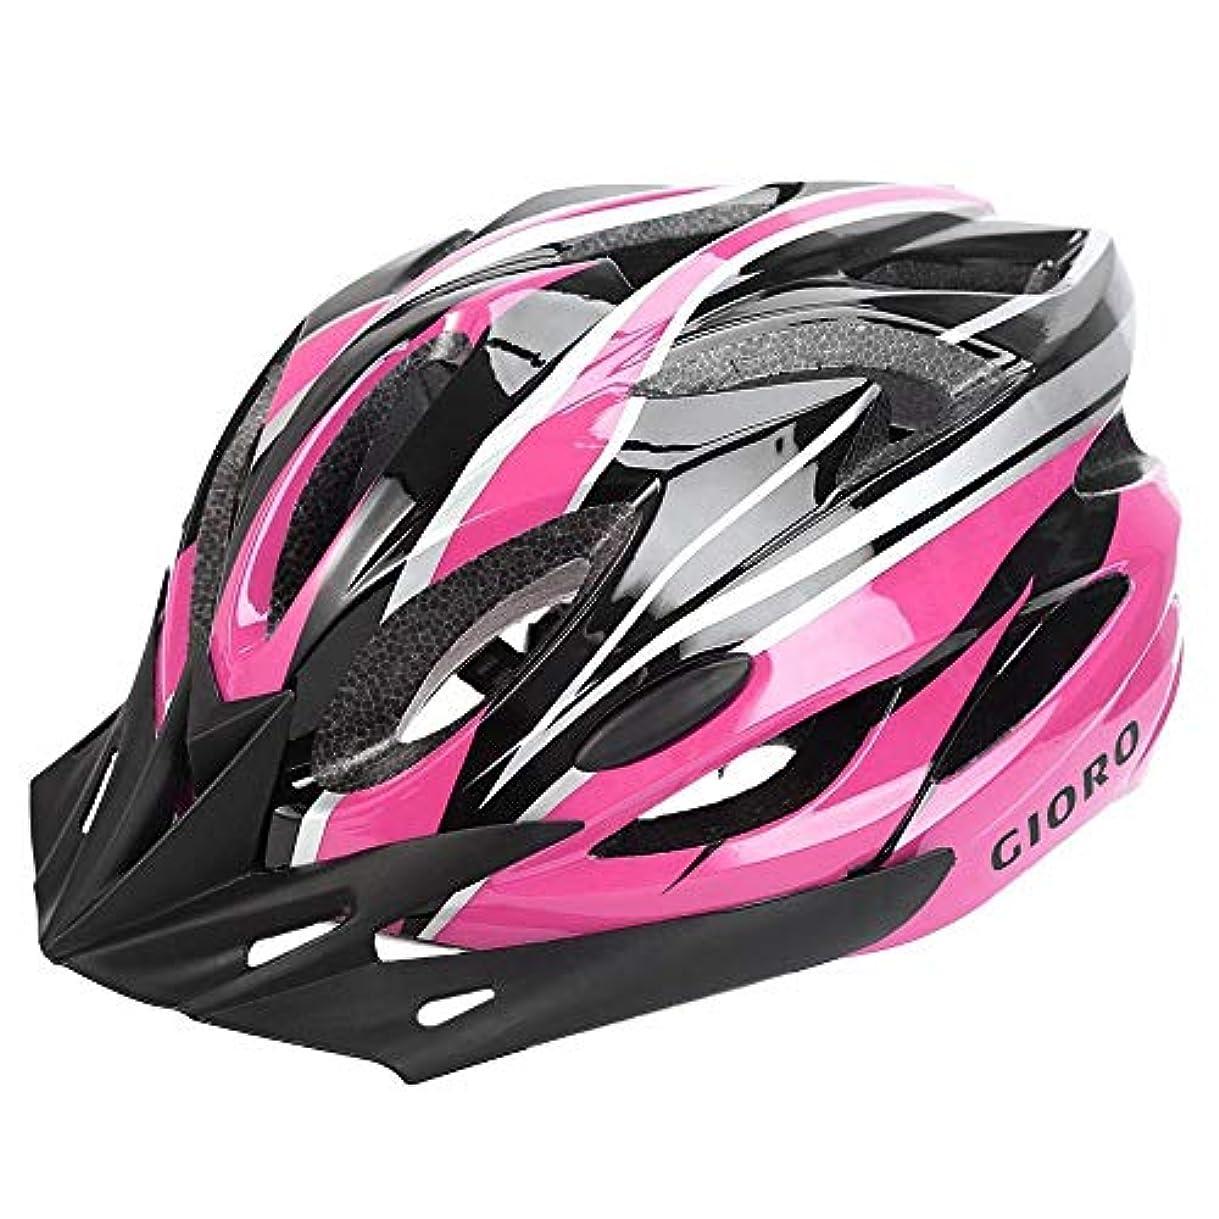 共産主義優雅なコメンテーターGIORO超軽量 自転車 ヘルメット 高剛性MTB ロードバイク サイクリング ヘルメット サイズ調整 頭守る 男女兼用